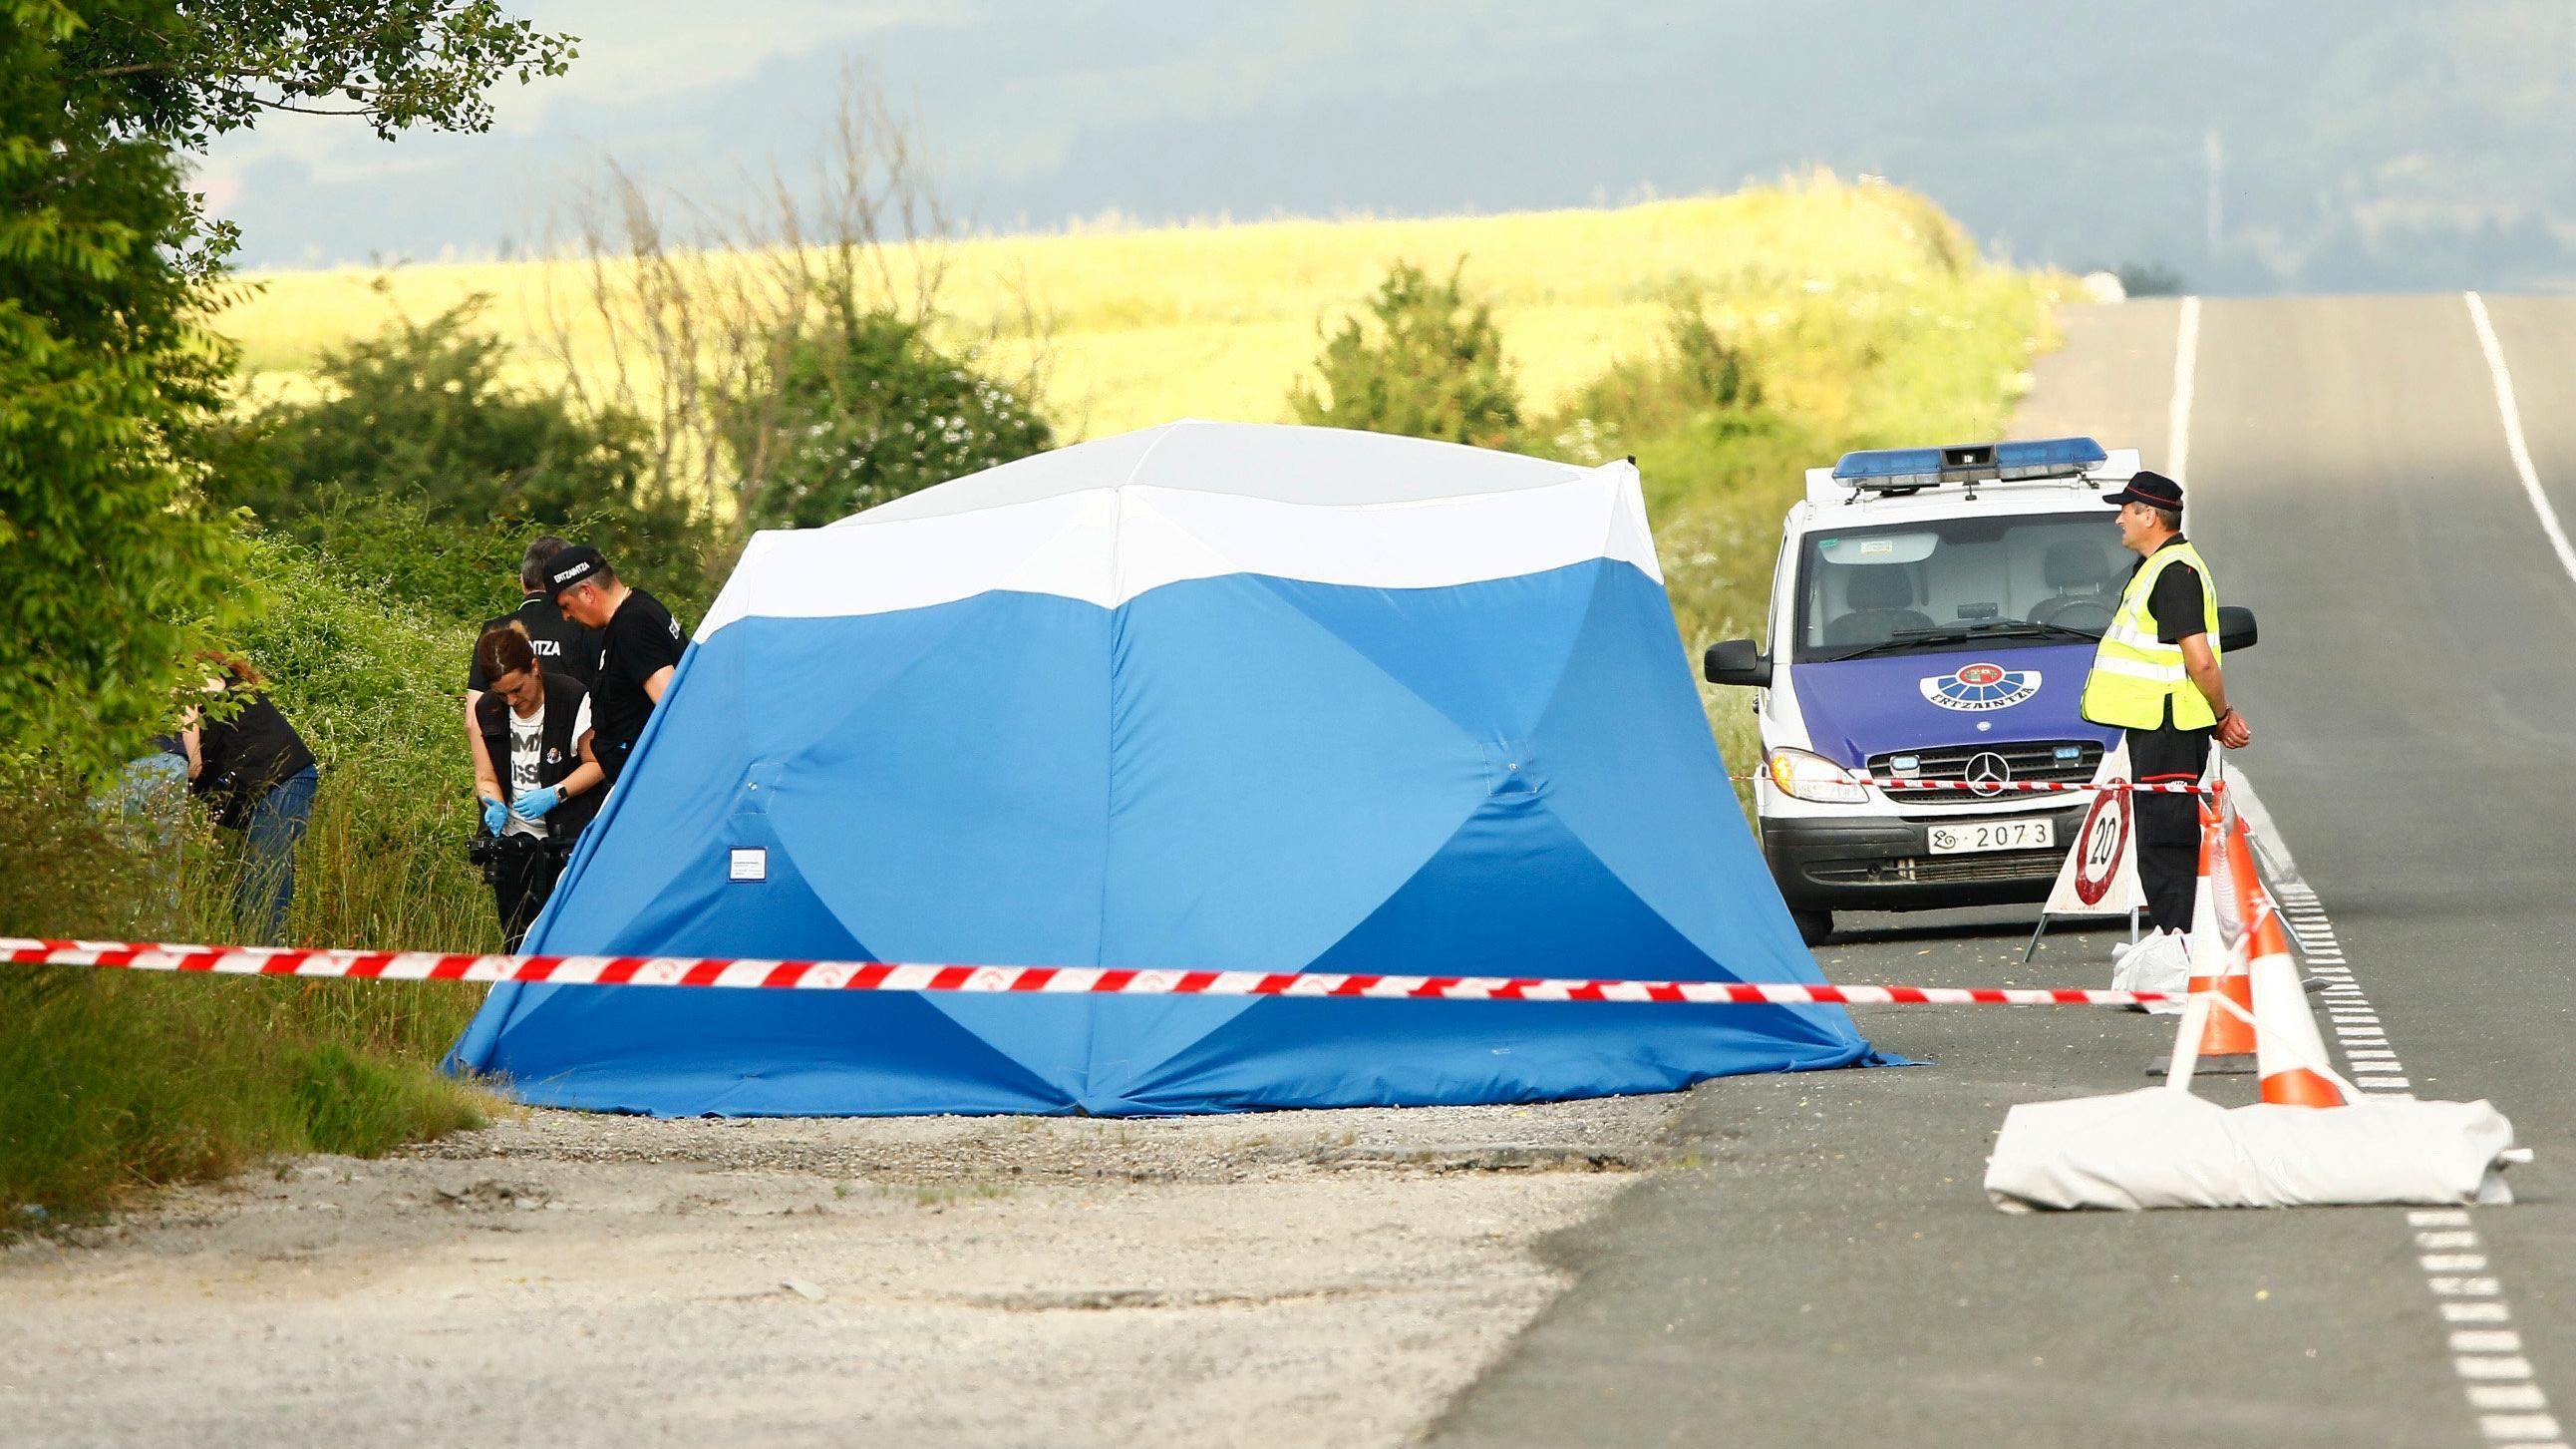 Polizisten sichern am Fundort einer Frauenleiche, nahe derAutobahn bei Asparrena, Spuren.  Bei der Frauenleiche handelte es sich um die vermisste Tramperin Sophia L. Im Fall der getöteten Tramperin aus Bayern könnte im neuen Jahr der Mordprozess beginnen.